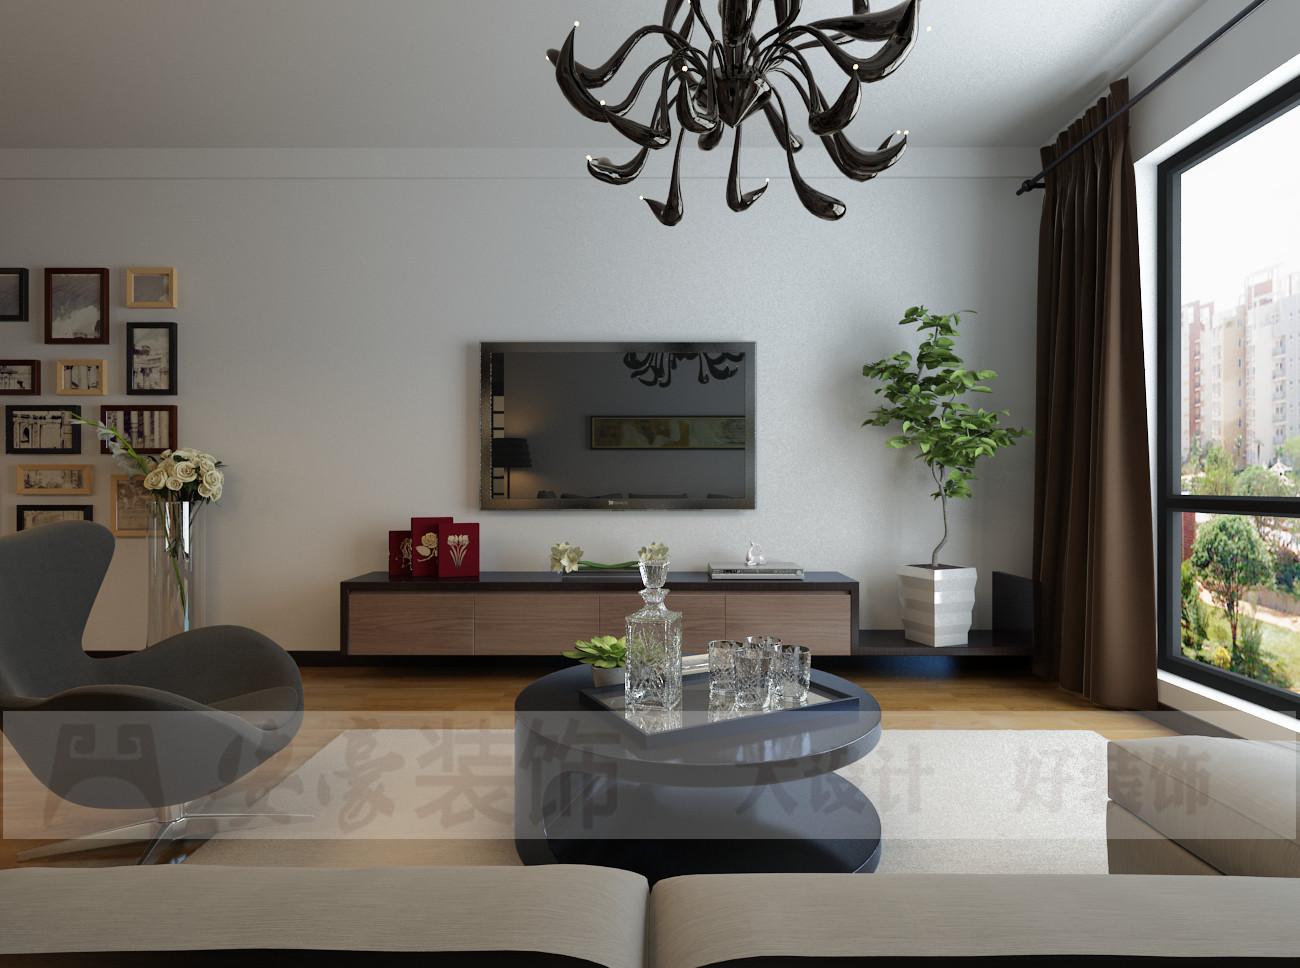 混搭 三居 白领 80后 小资 客厅图片来自安豪装饰在中央美域的分享